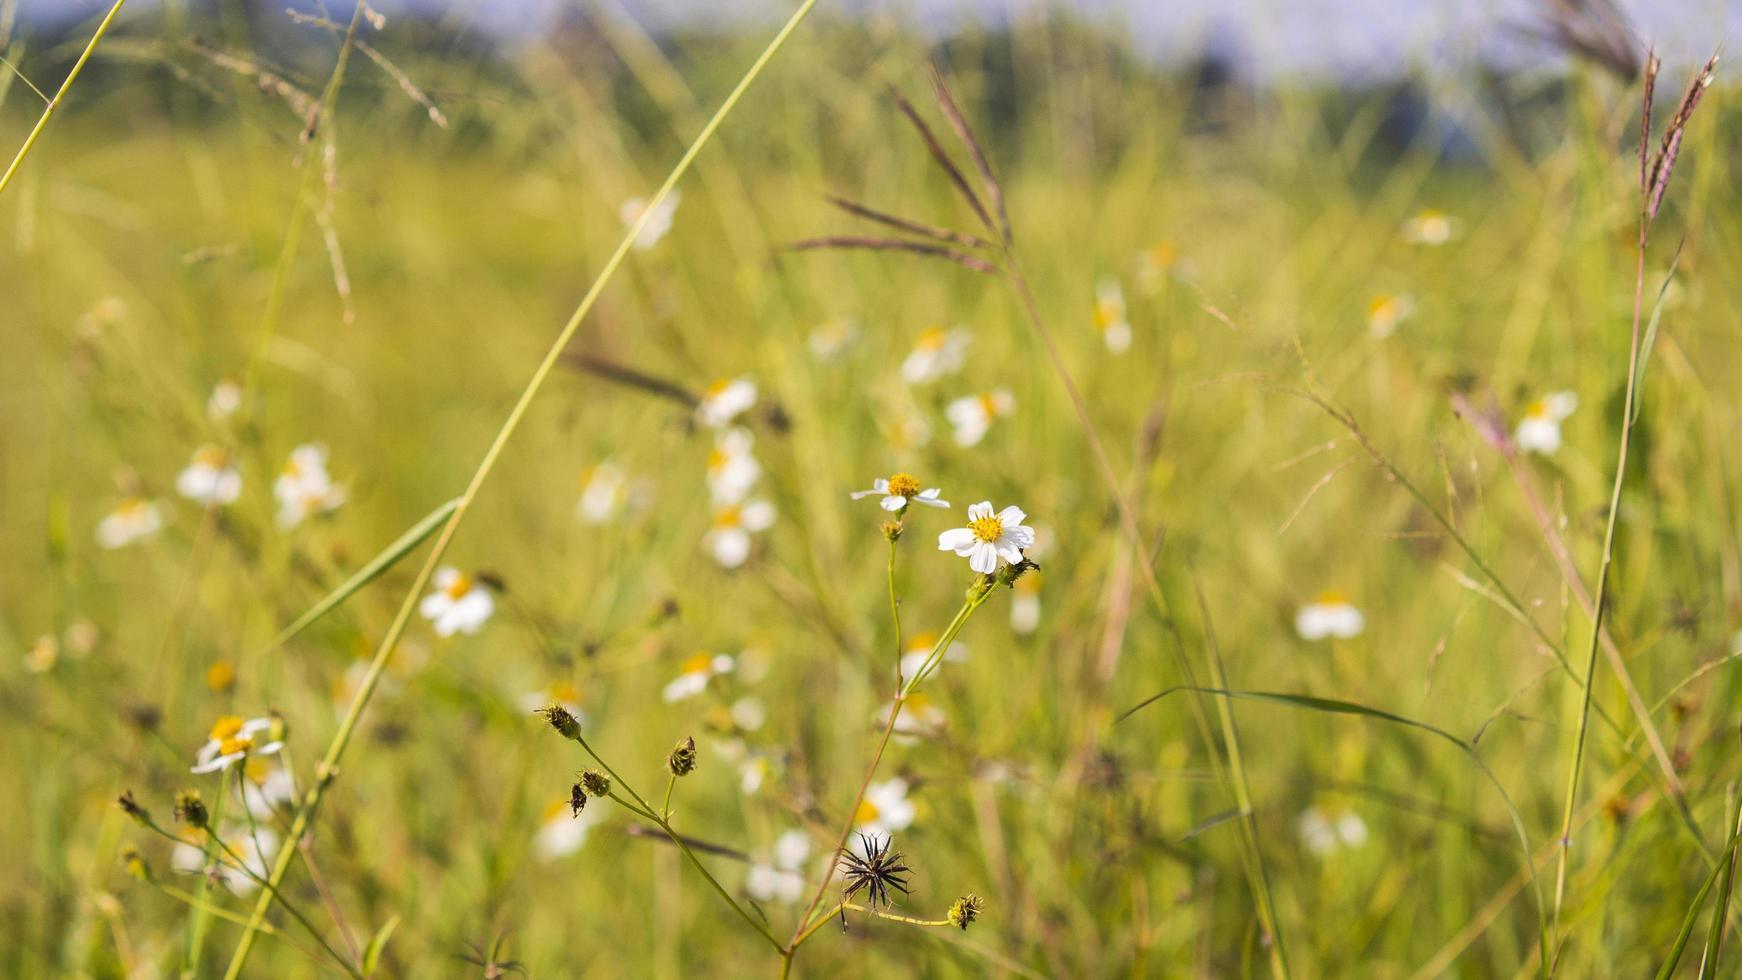 vilda gräs närbild med skörd gul fält bakgrund foto